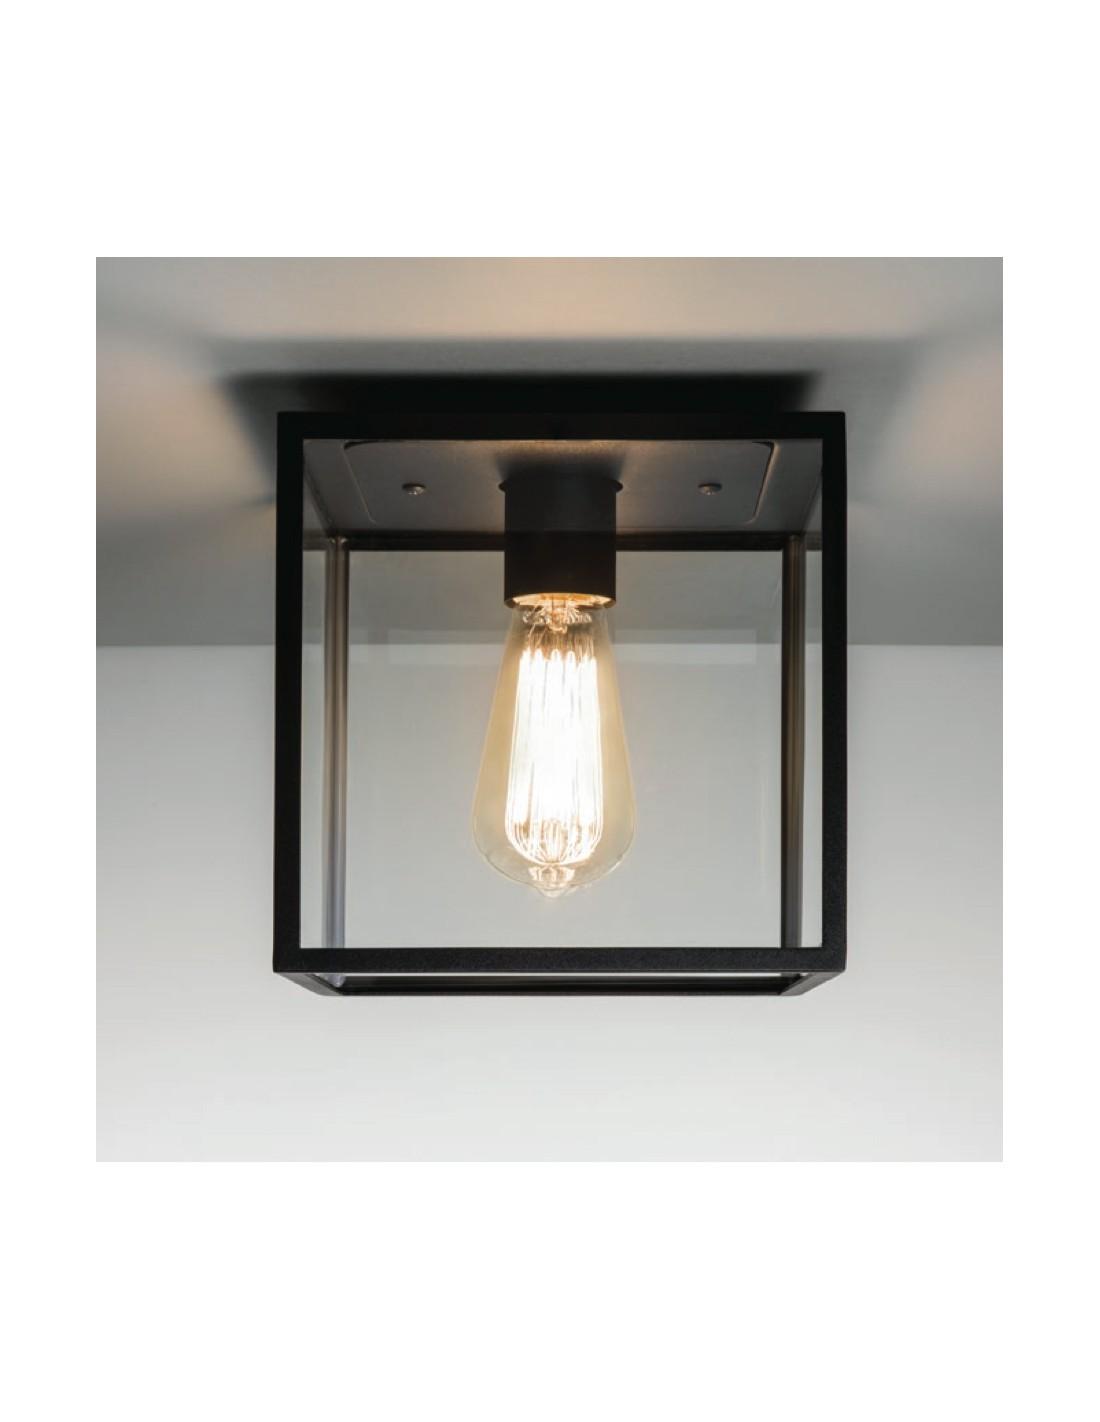 Plafonnier extérieur Box noir vue de  face astro lighting